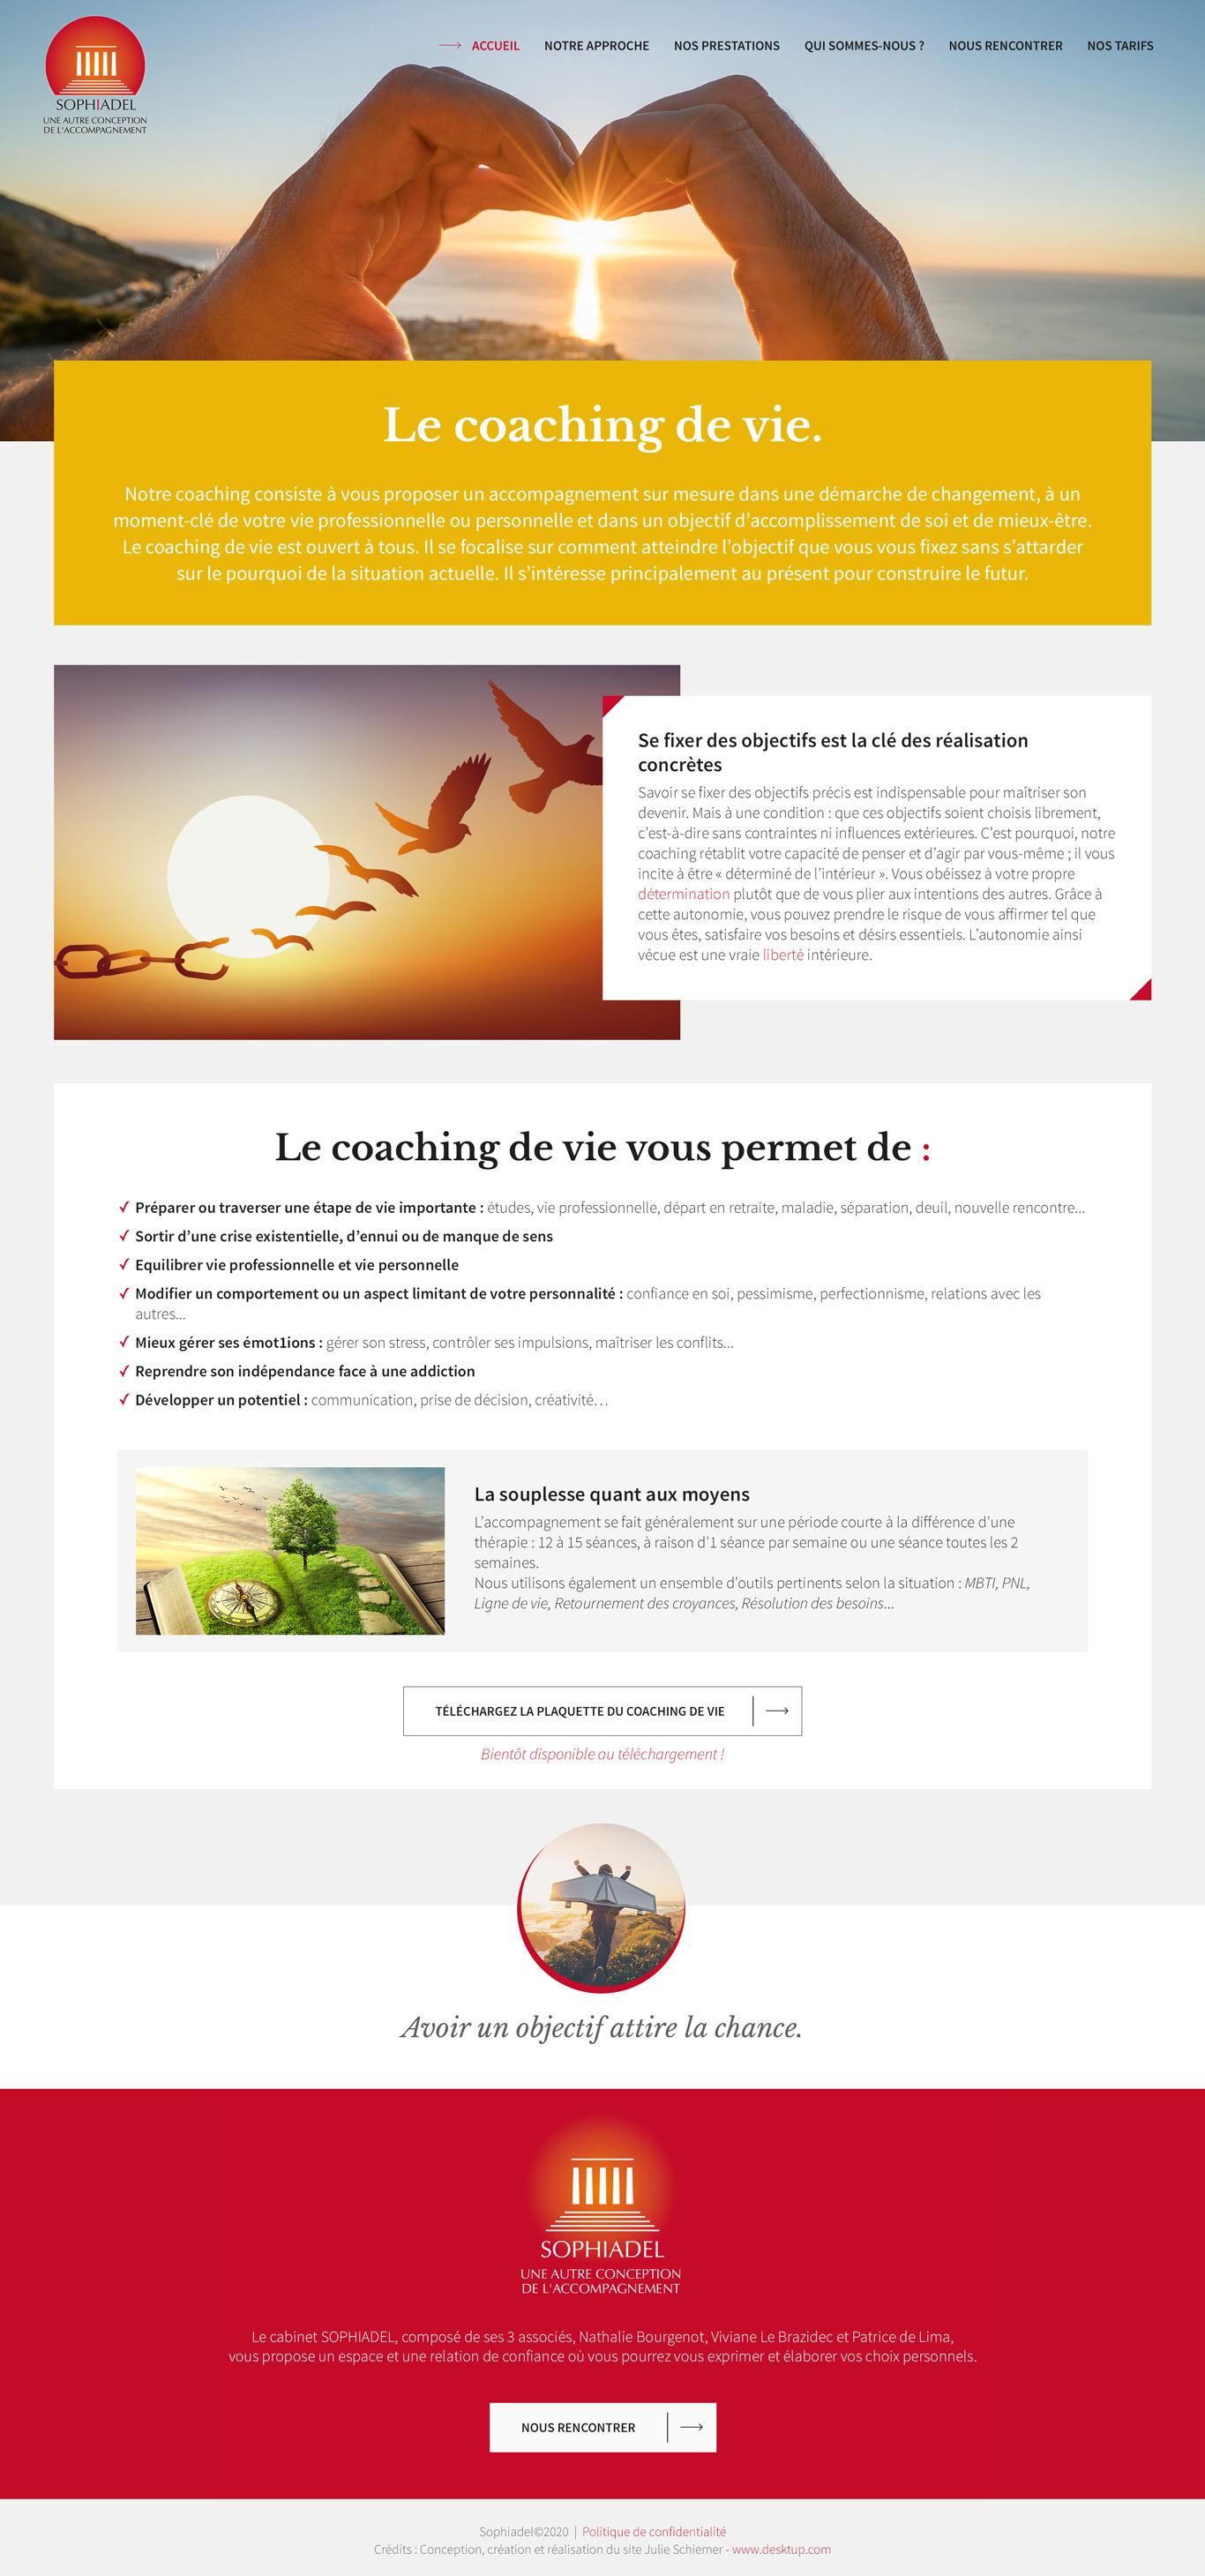 Sophiadel-Site-Img7